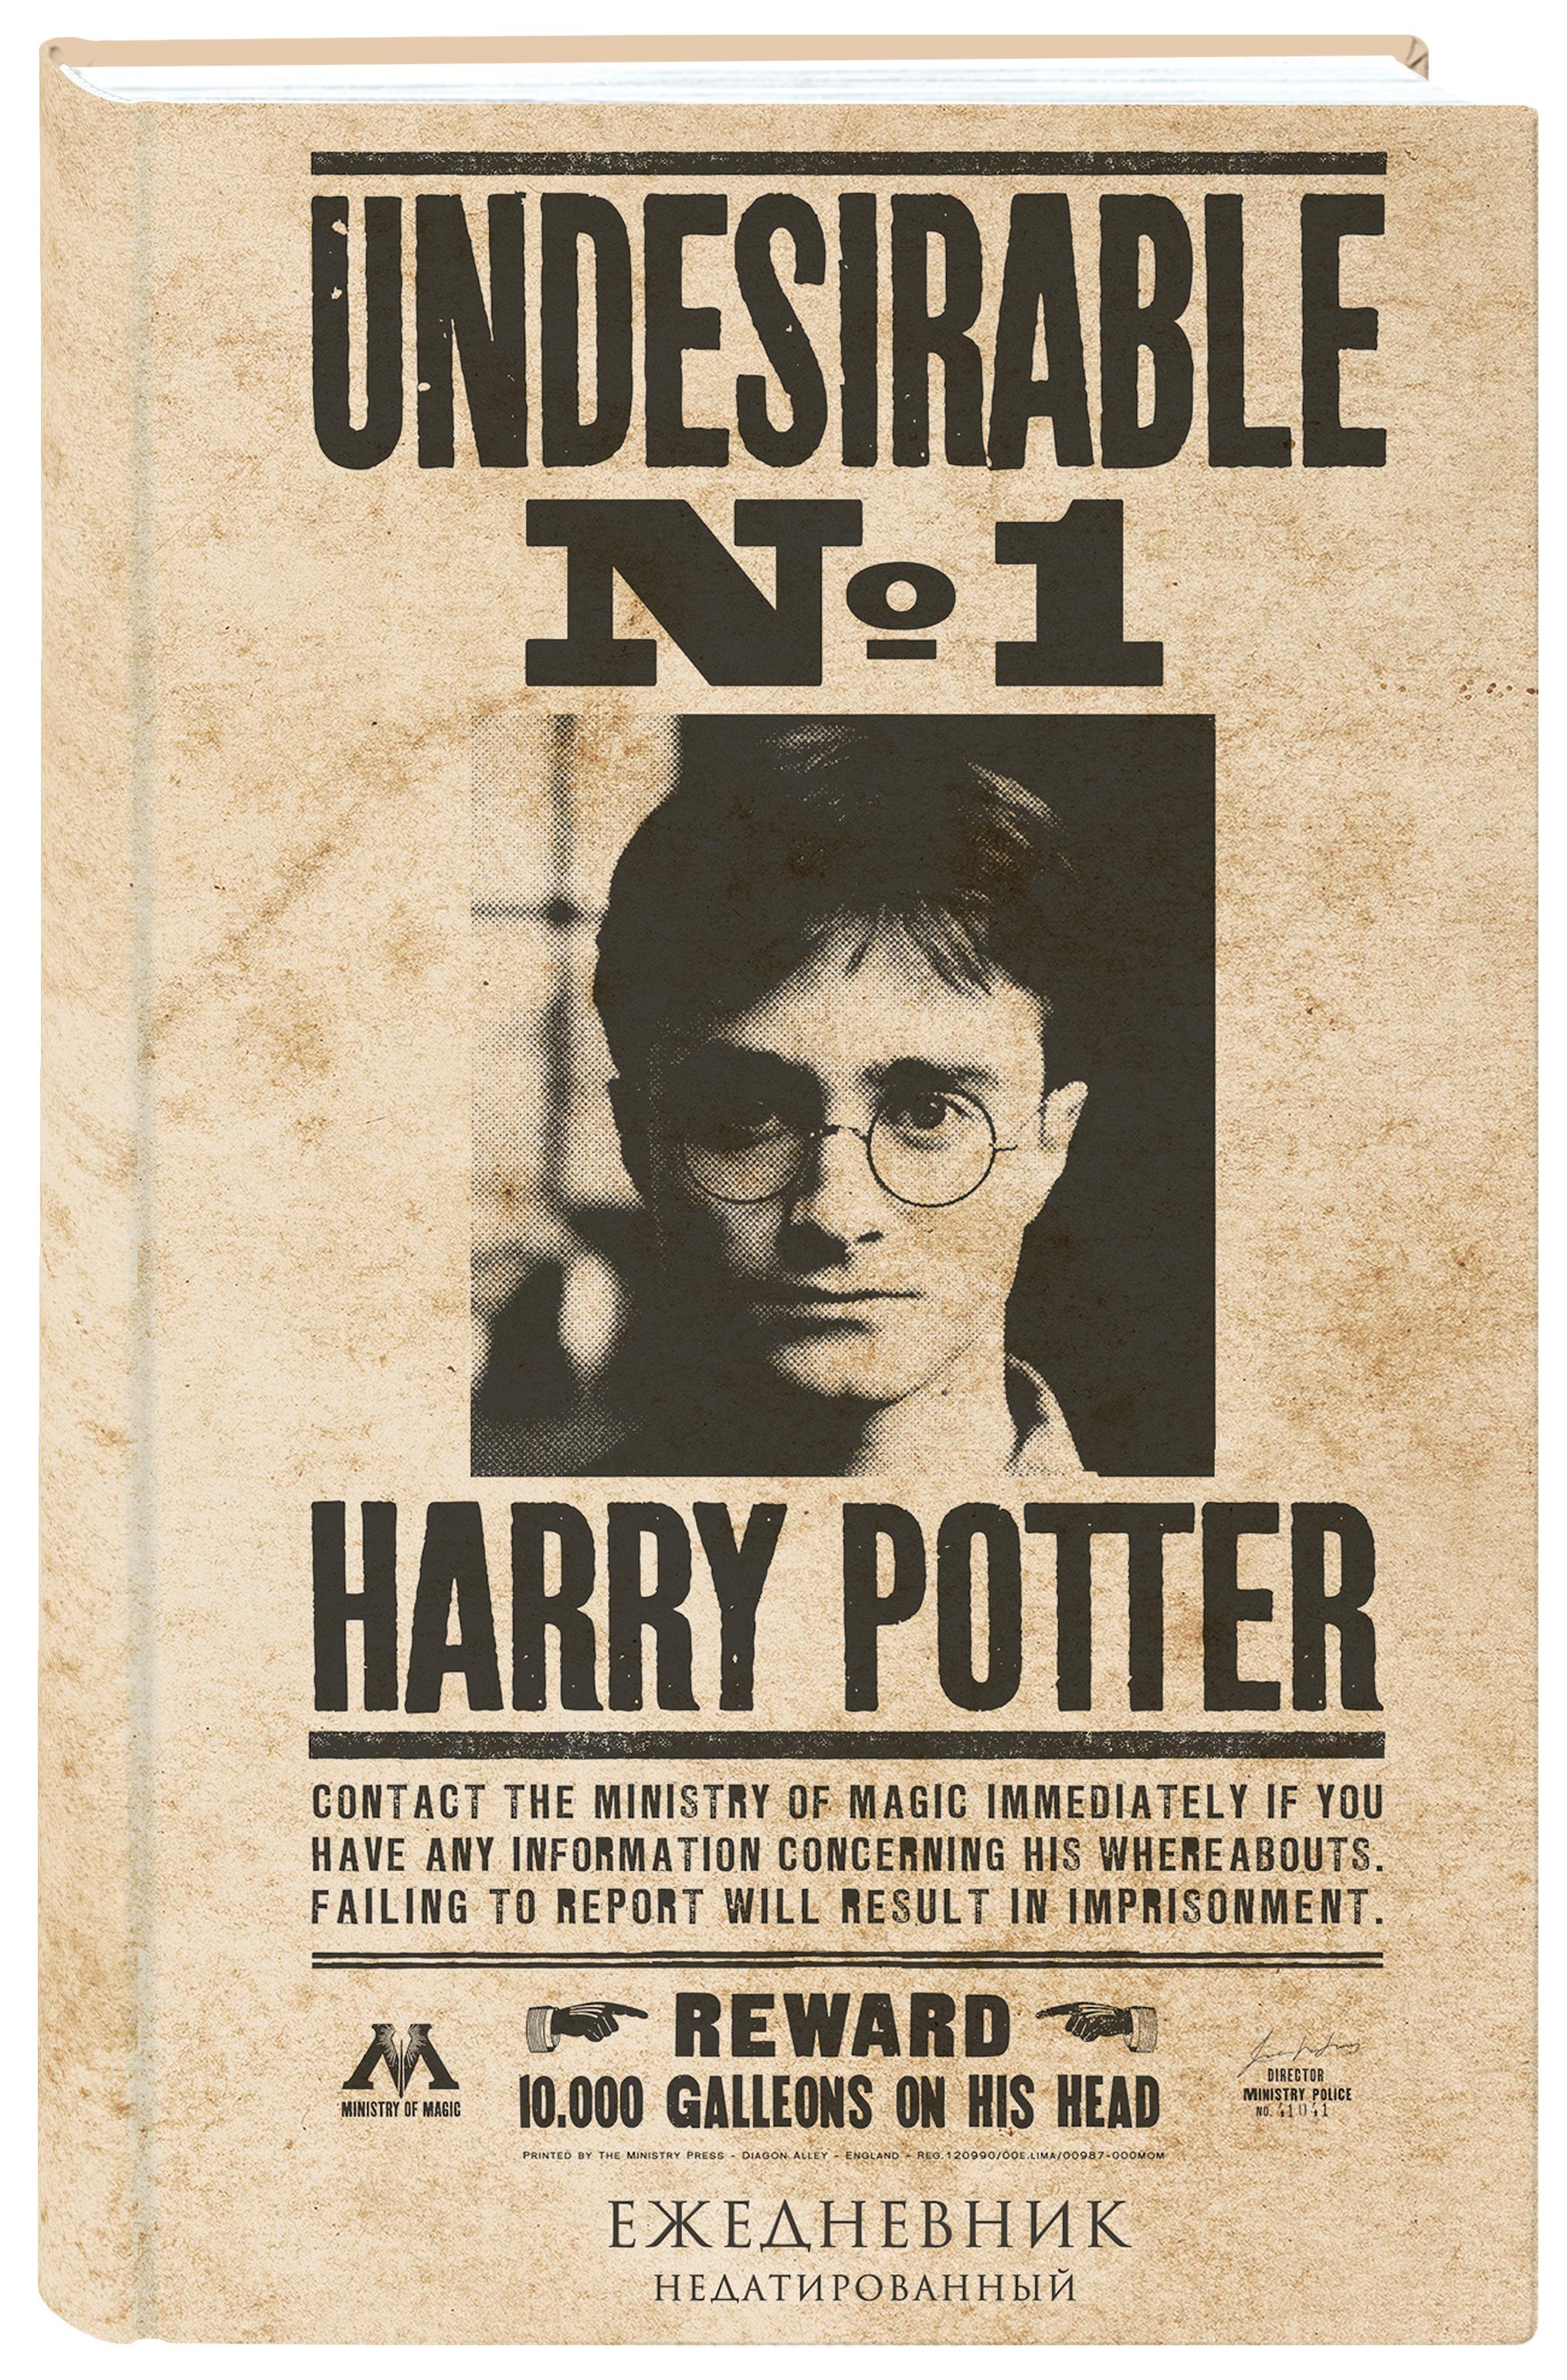 Гарри Поттер. Нежелательное лицо №1. Ежедневник недатированный